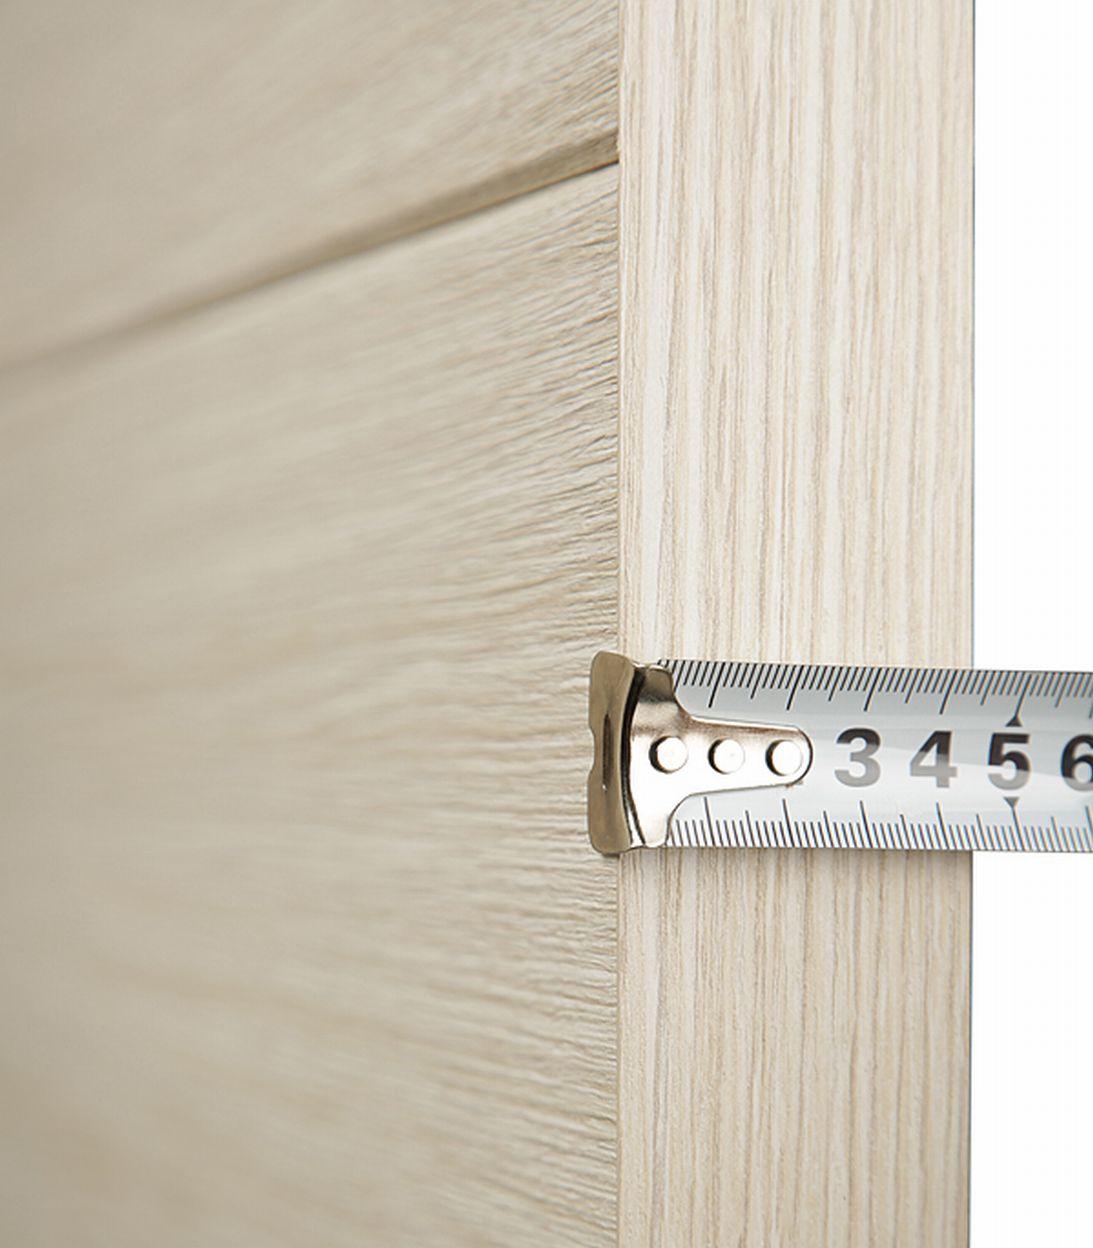 Дверное полотно Verda Турин 05 дуб бежевый вералинга со стеклом экошпон 700x2000 мм фото